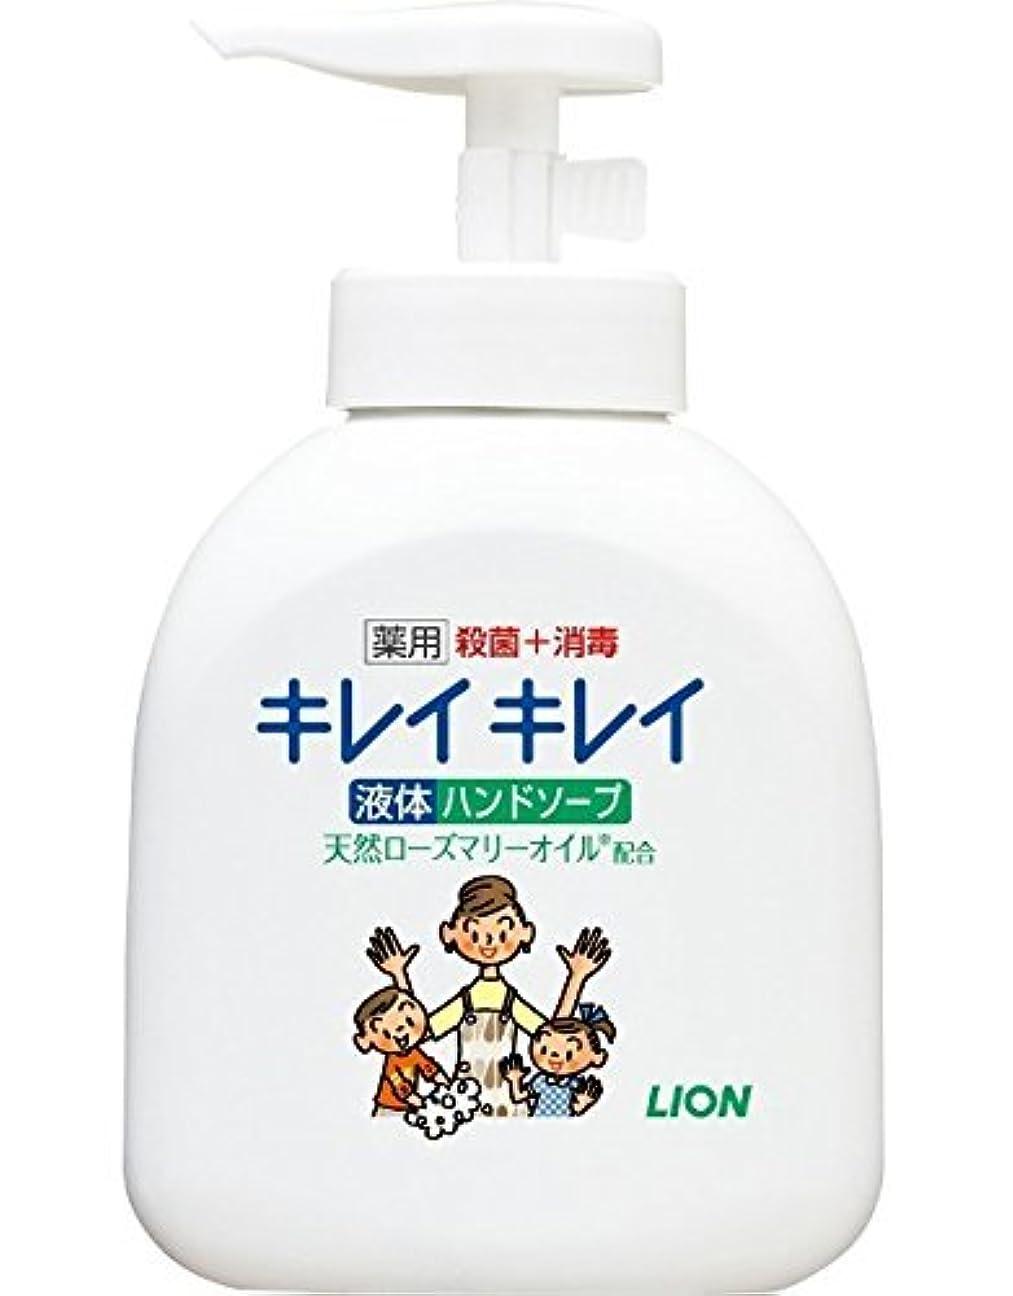 必要聖書添加剤【ライオン】キレイキレイ薬用液体ハンドソープ 本体ポンプ 250ml ×20個セット